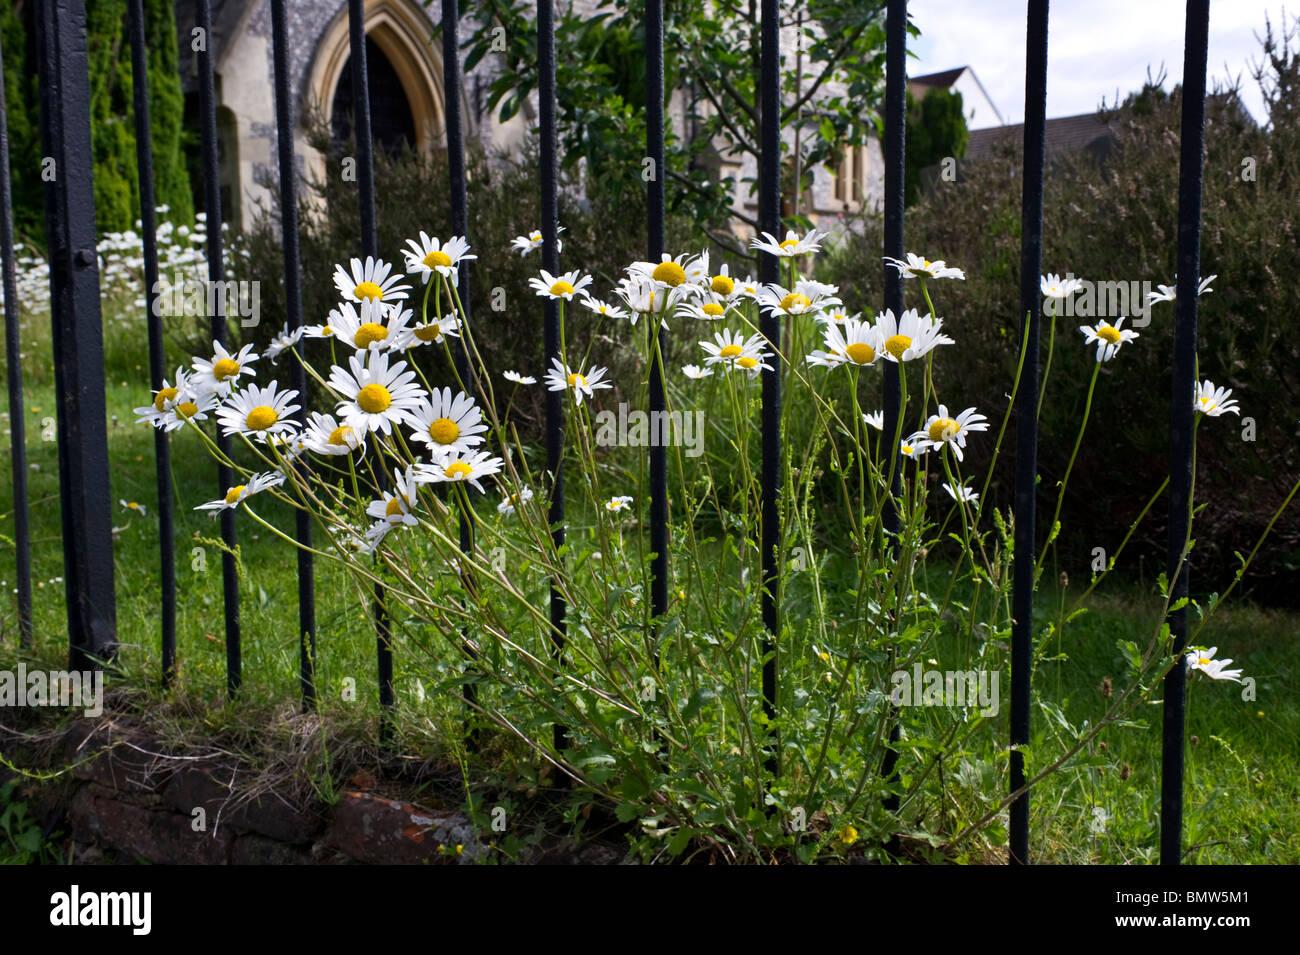 Oxeye daisies, UK wildflowers in grass around iron railings surrounding parish church grounds Stock Photo